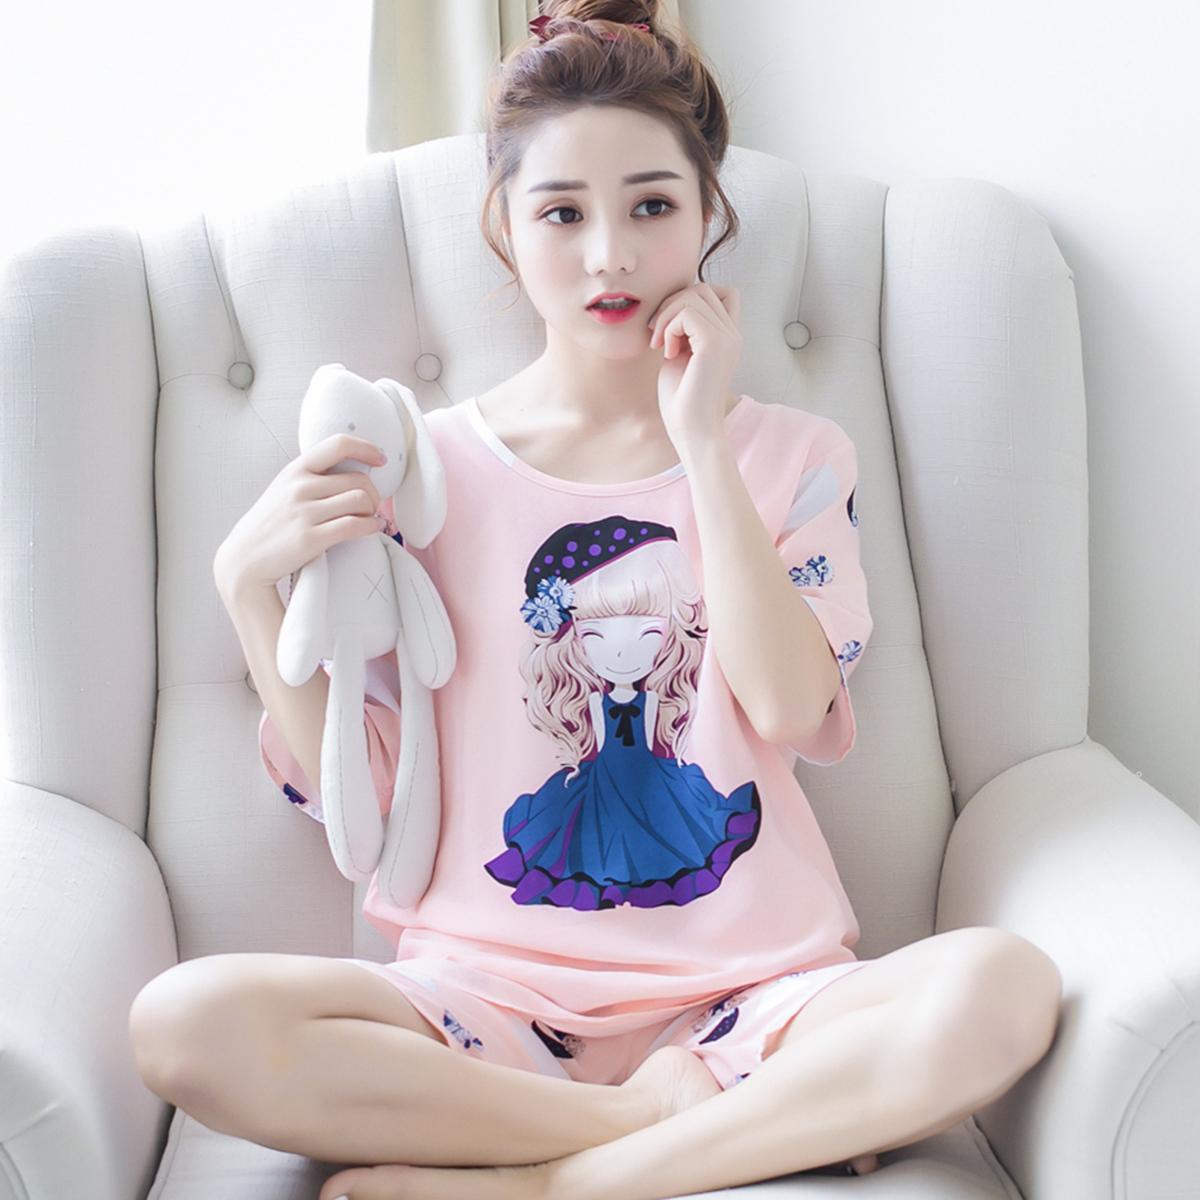 短袖睡衣女夏季纯棉绵绸薄款韩版宽松人造棉绸